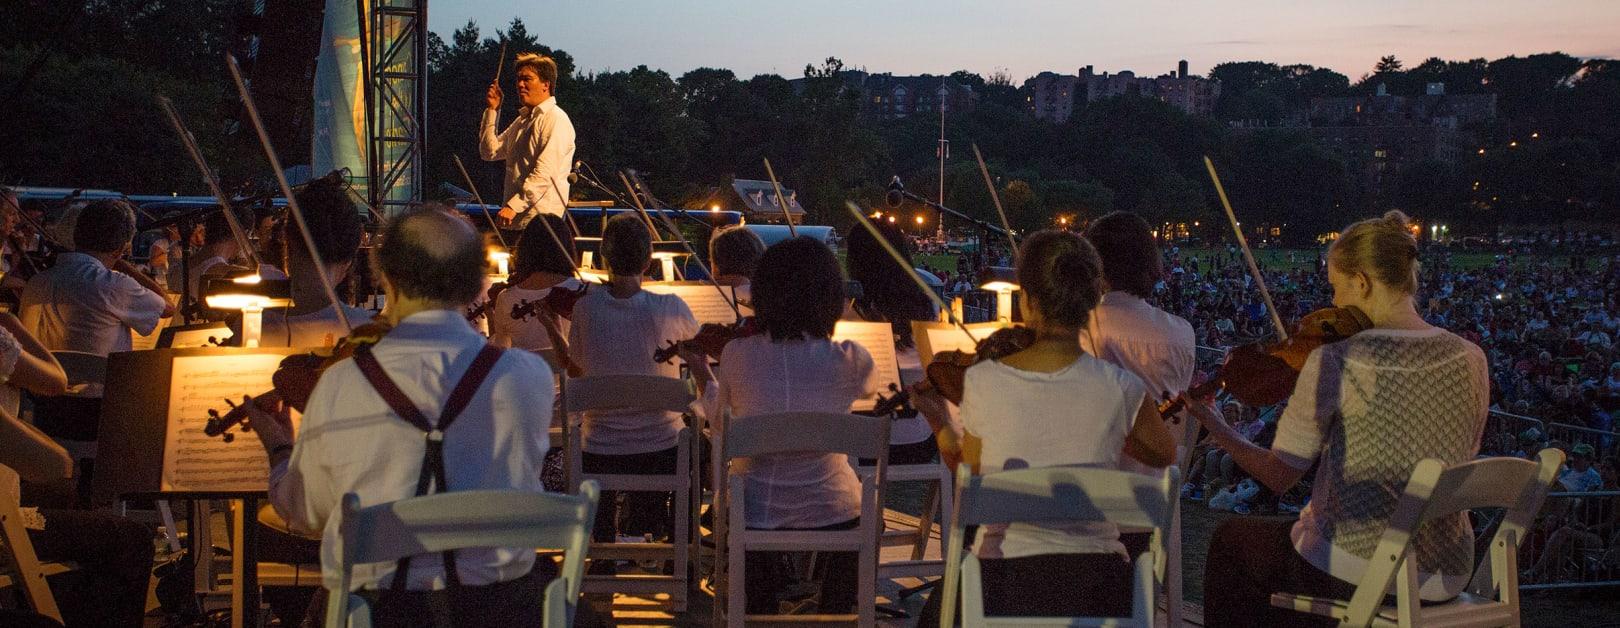 Concerts in the Parks – Van Cortlandt Park